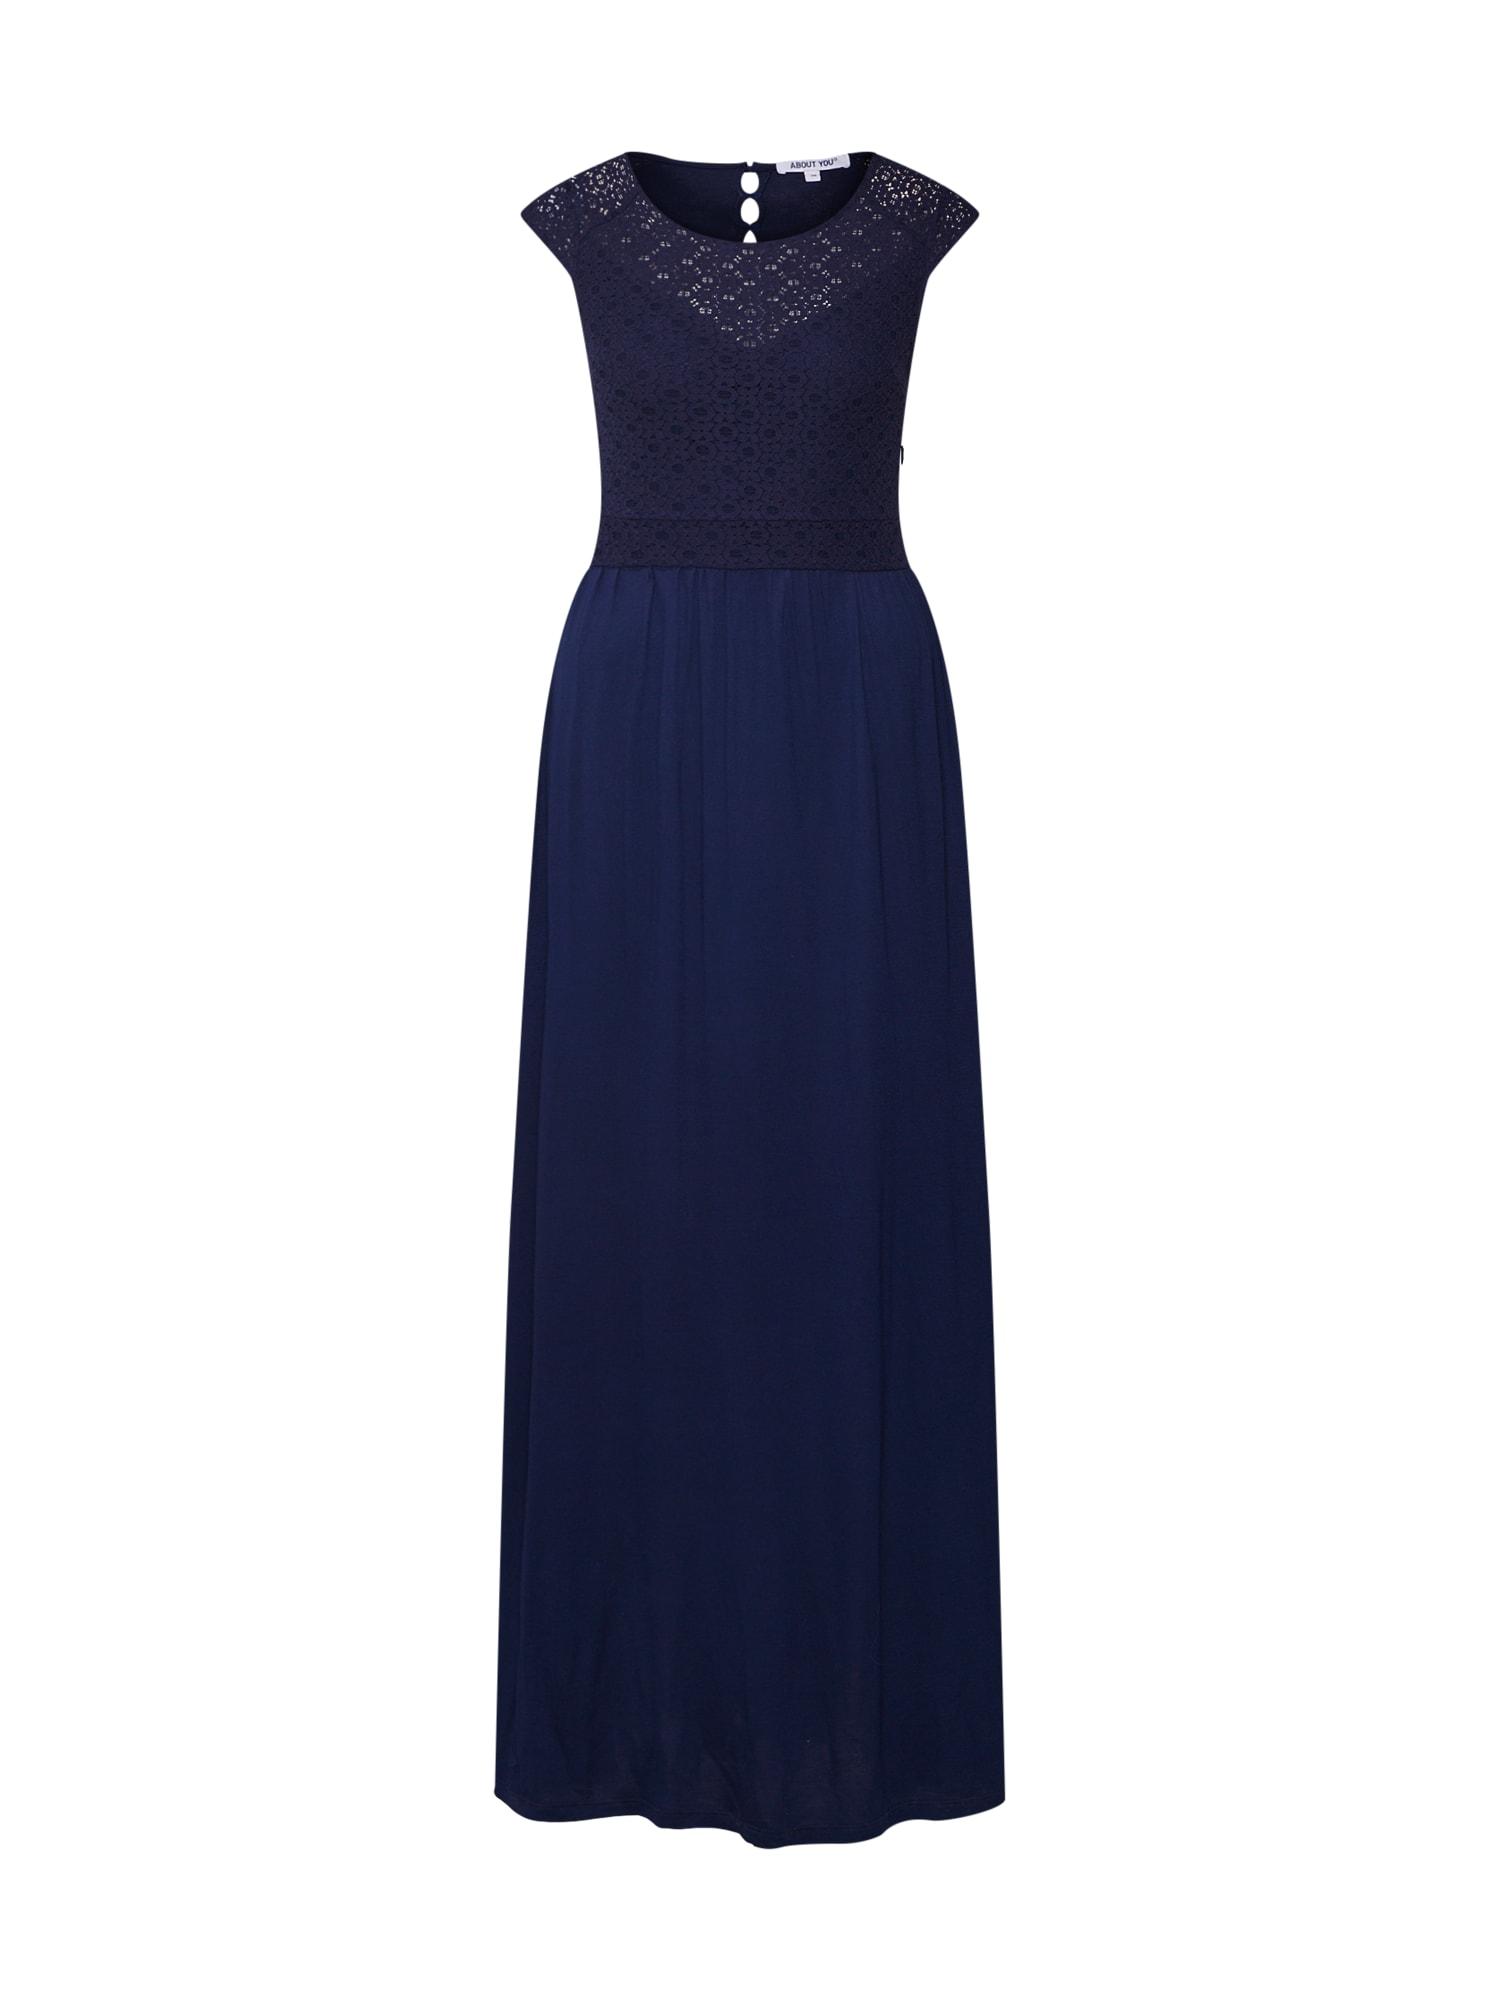 Společenské šaty Nadia tmavě modrá ABOUT YOU